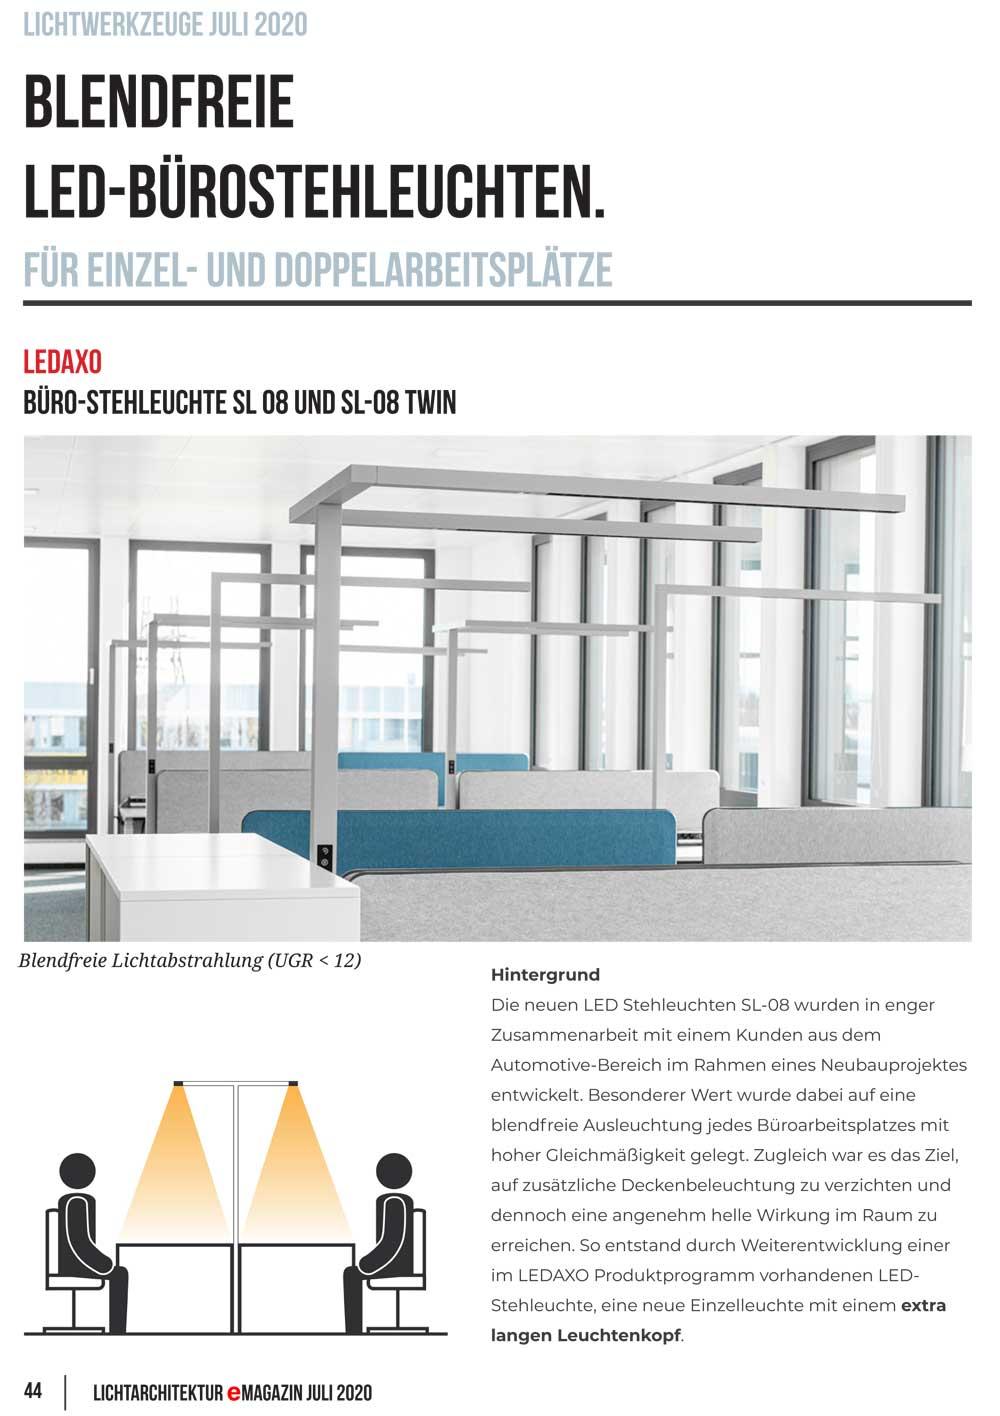 Presseveröffentlichung Luxlumina Lichtarchitektur eMagazin, Ausgabe Juli 2020, Seite 44